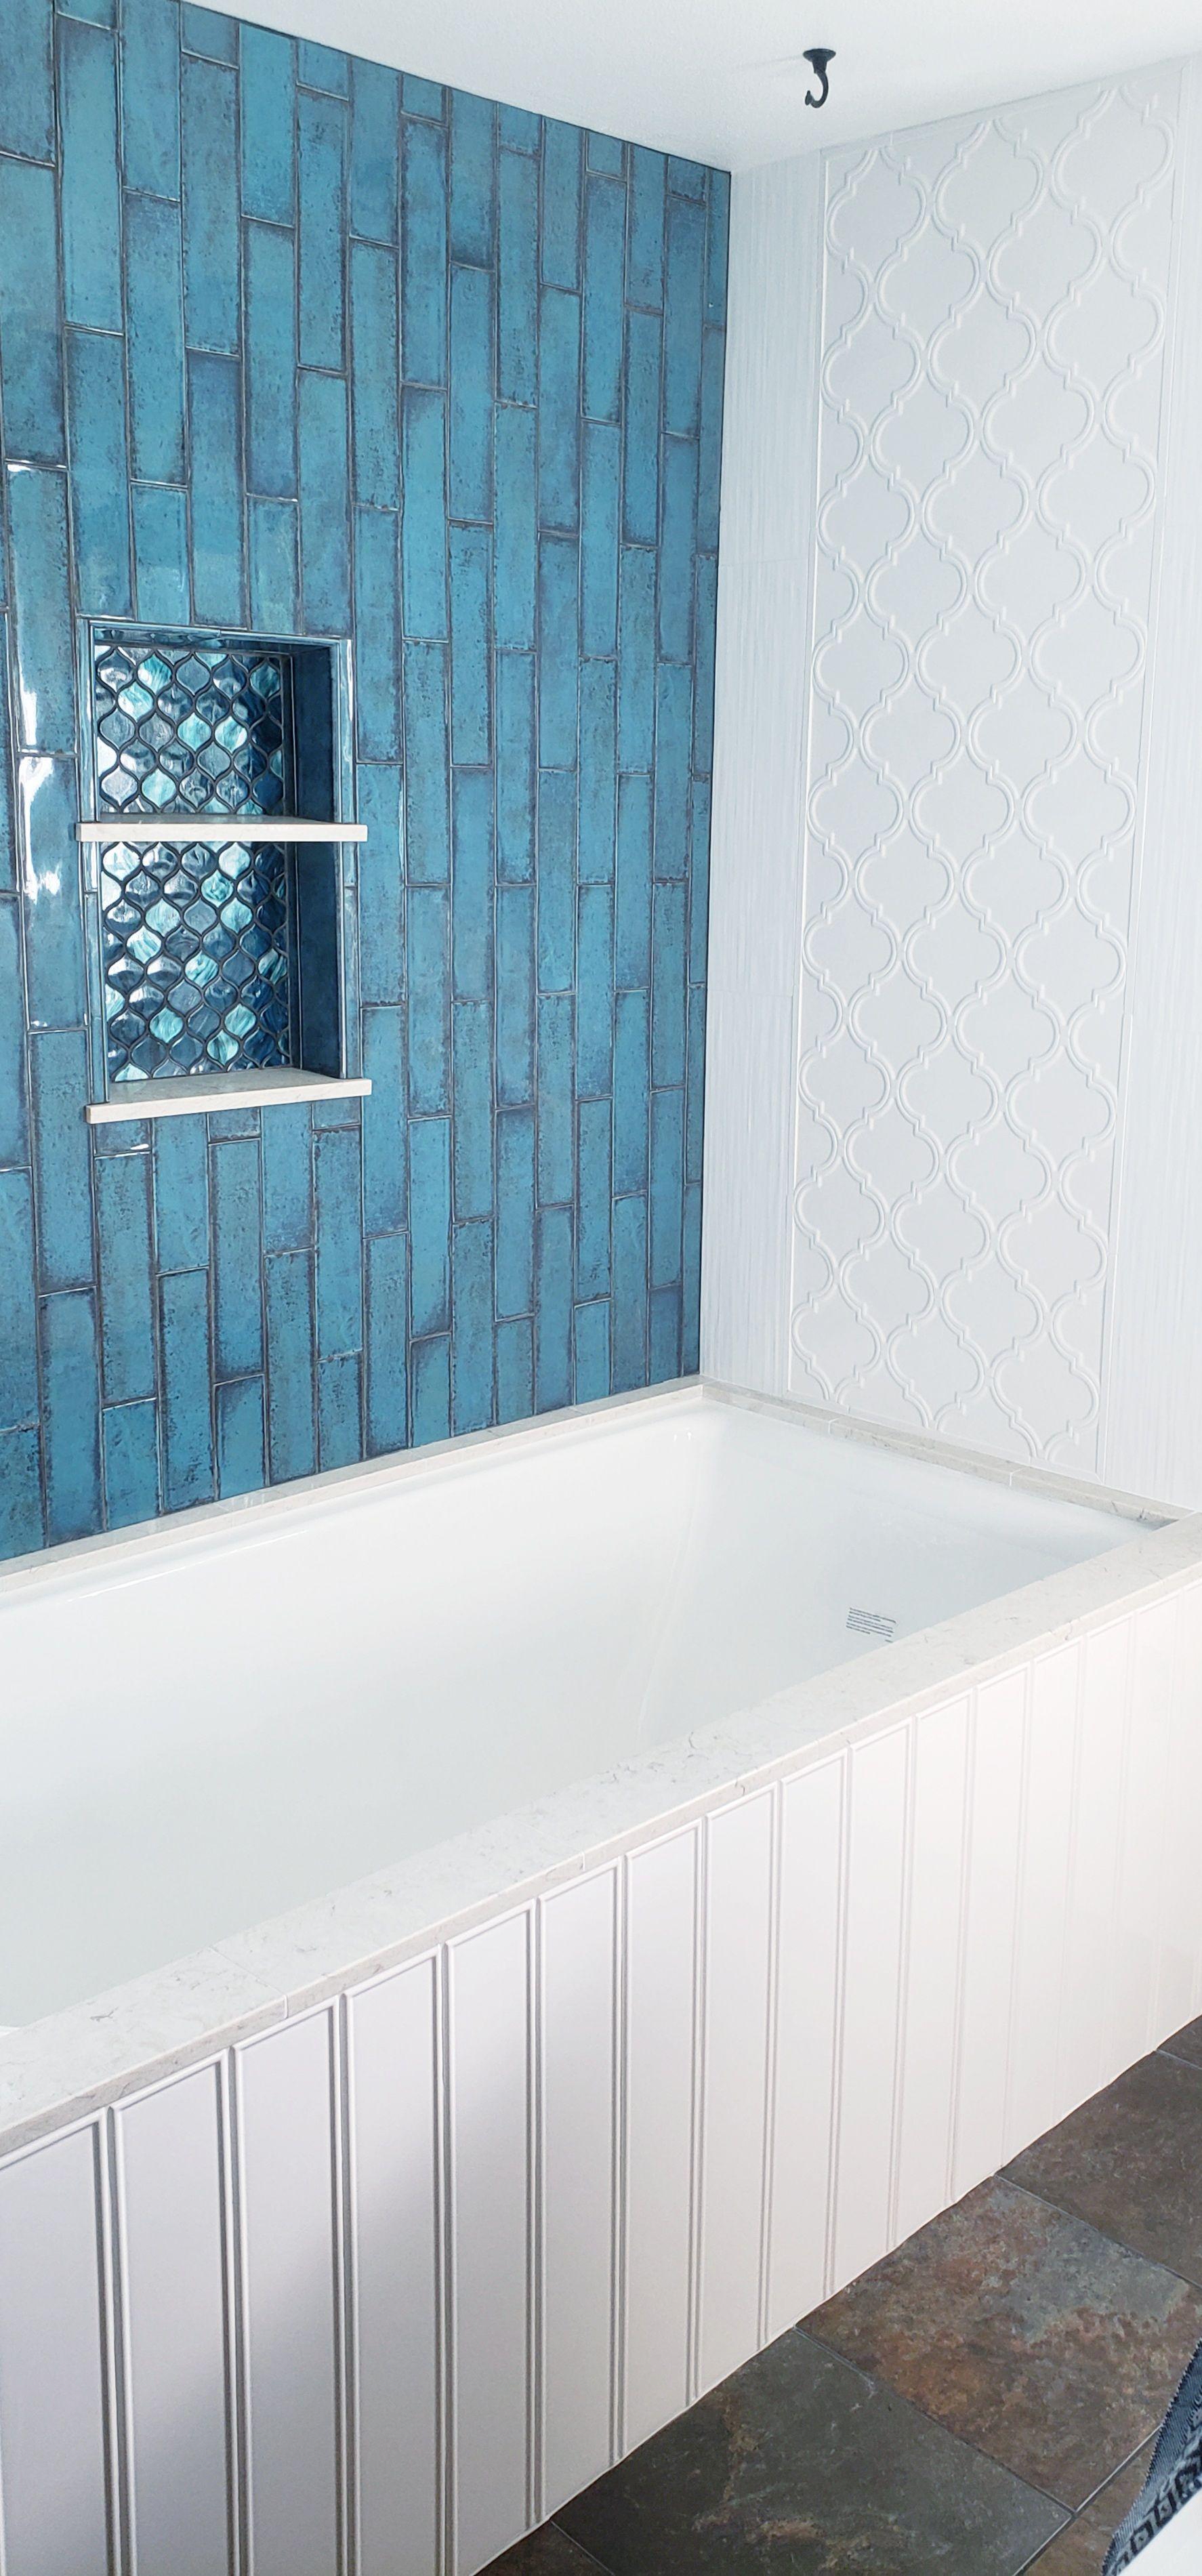 Castle Denim 3x12 Blue Ceramic Tile Subway Style In 2020 Ceramic Tiles Tile Design Castle